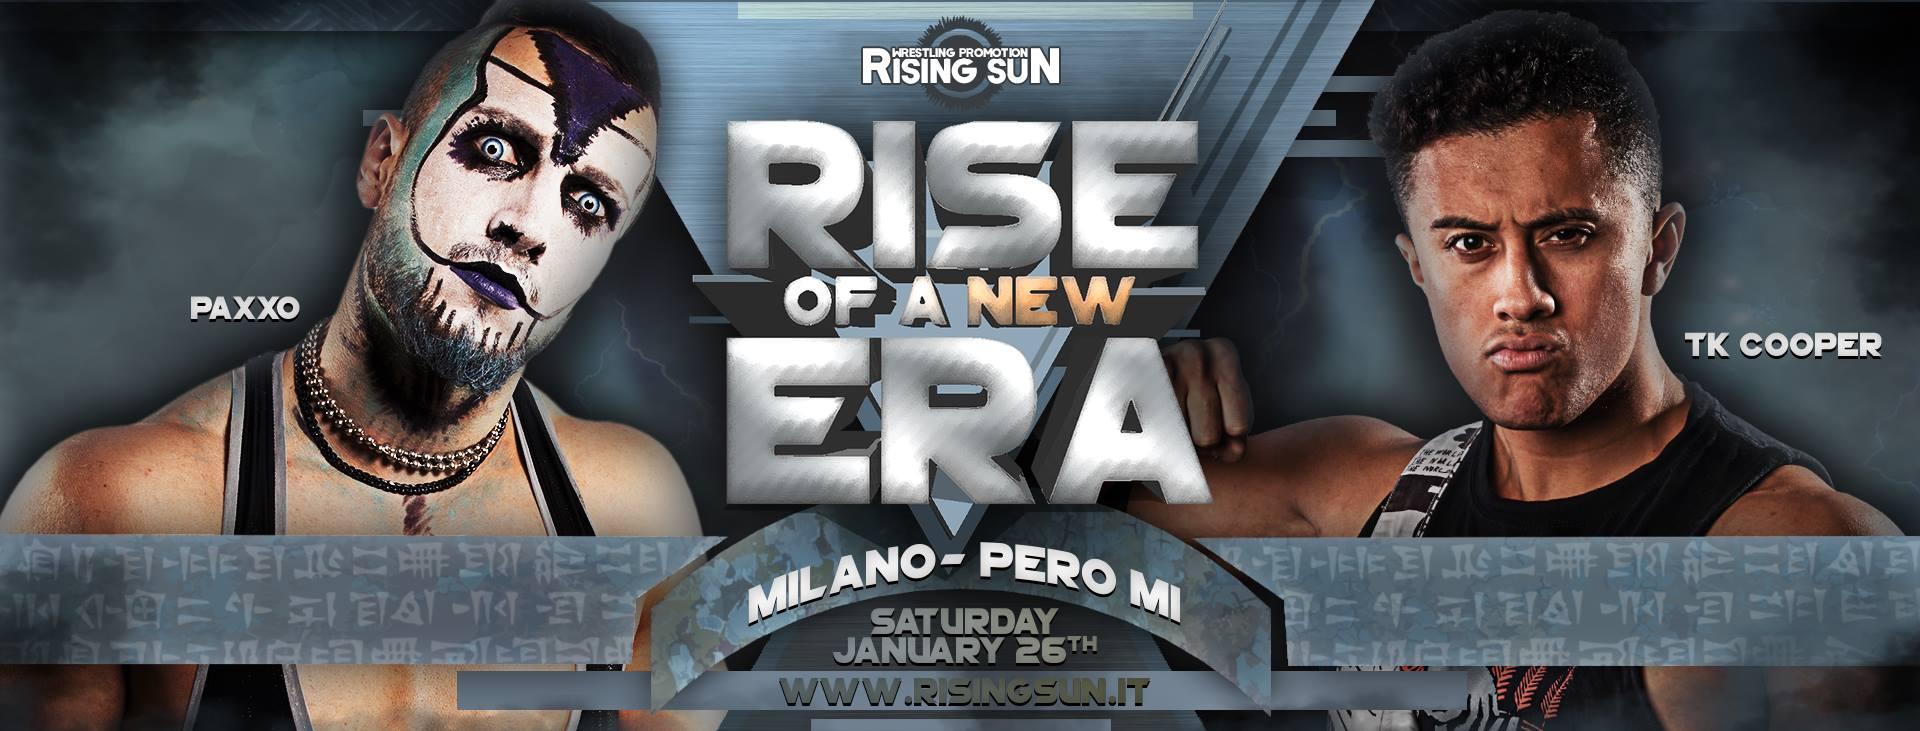 WrestlingRevolution.it al commento degli show italiani, Rising Sun Wrestling Promotion e non solo!